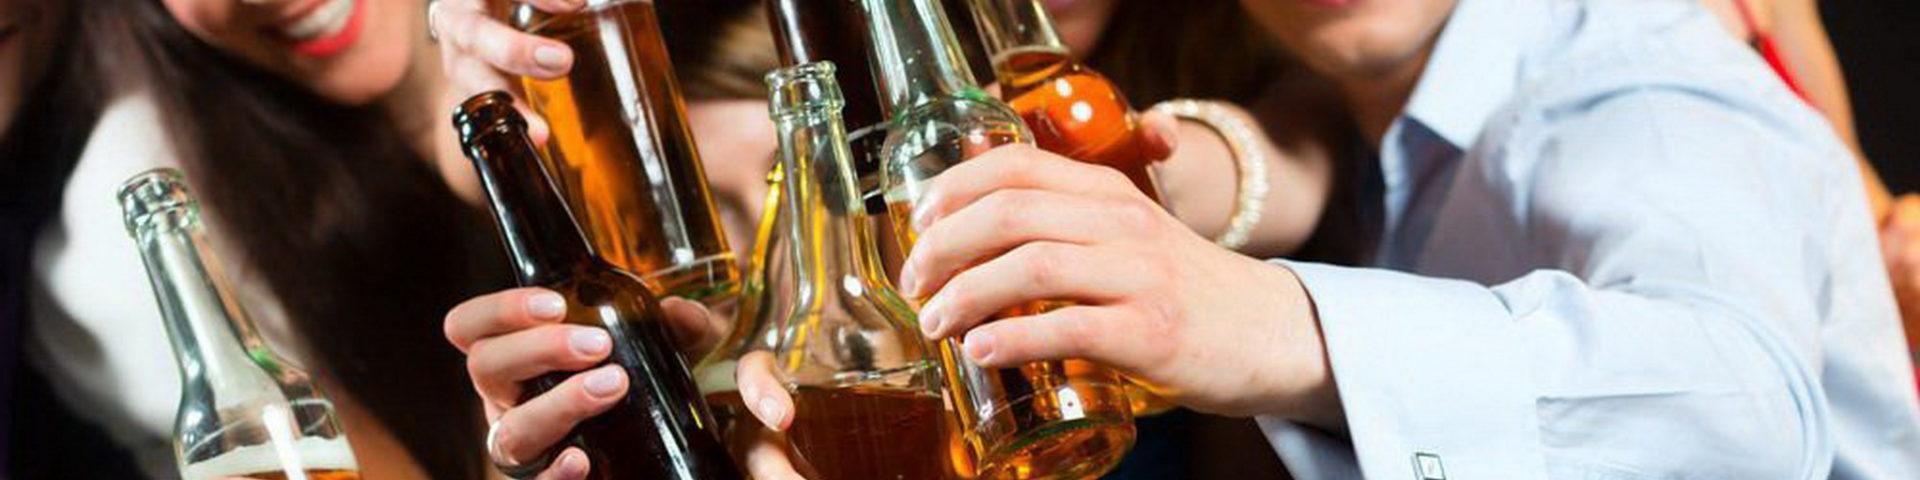 Сколько пить в граммах?